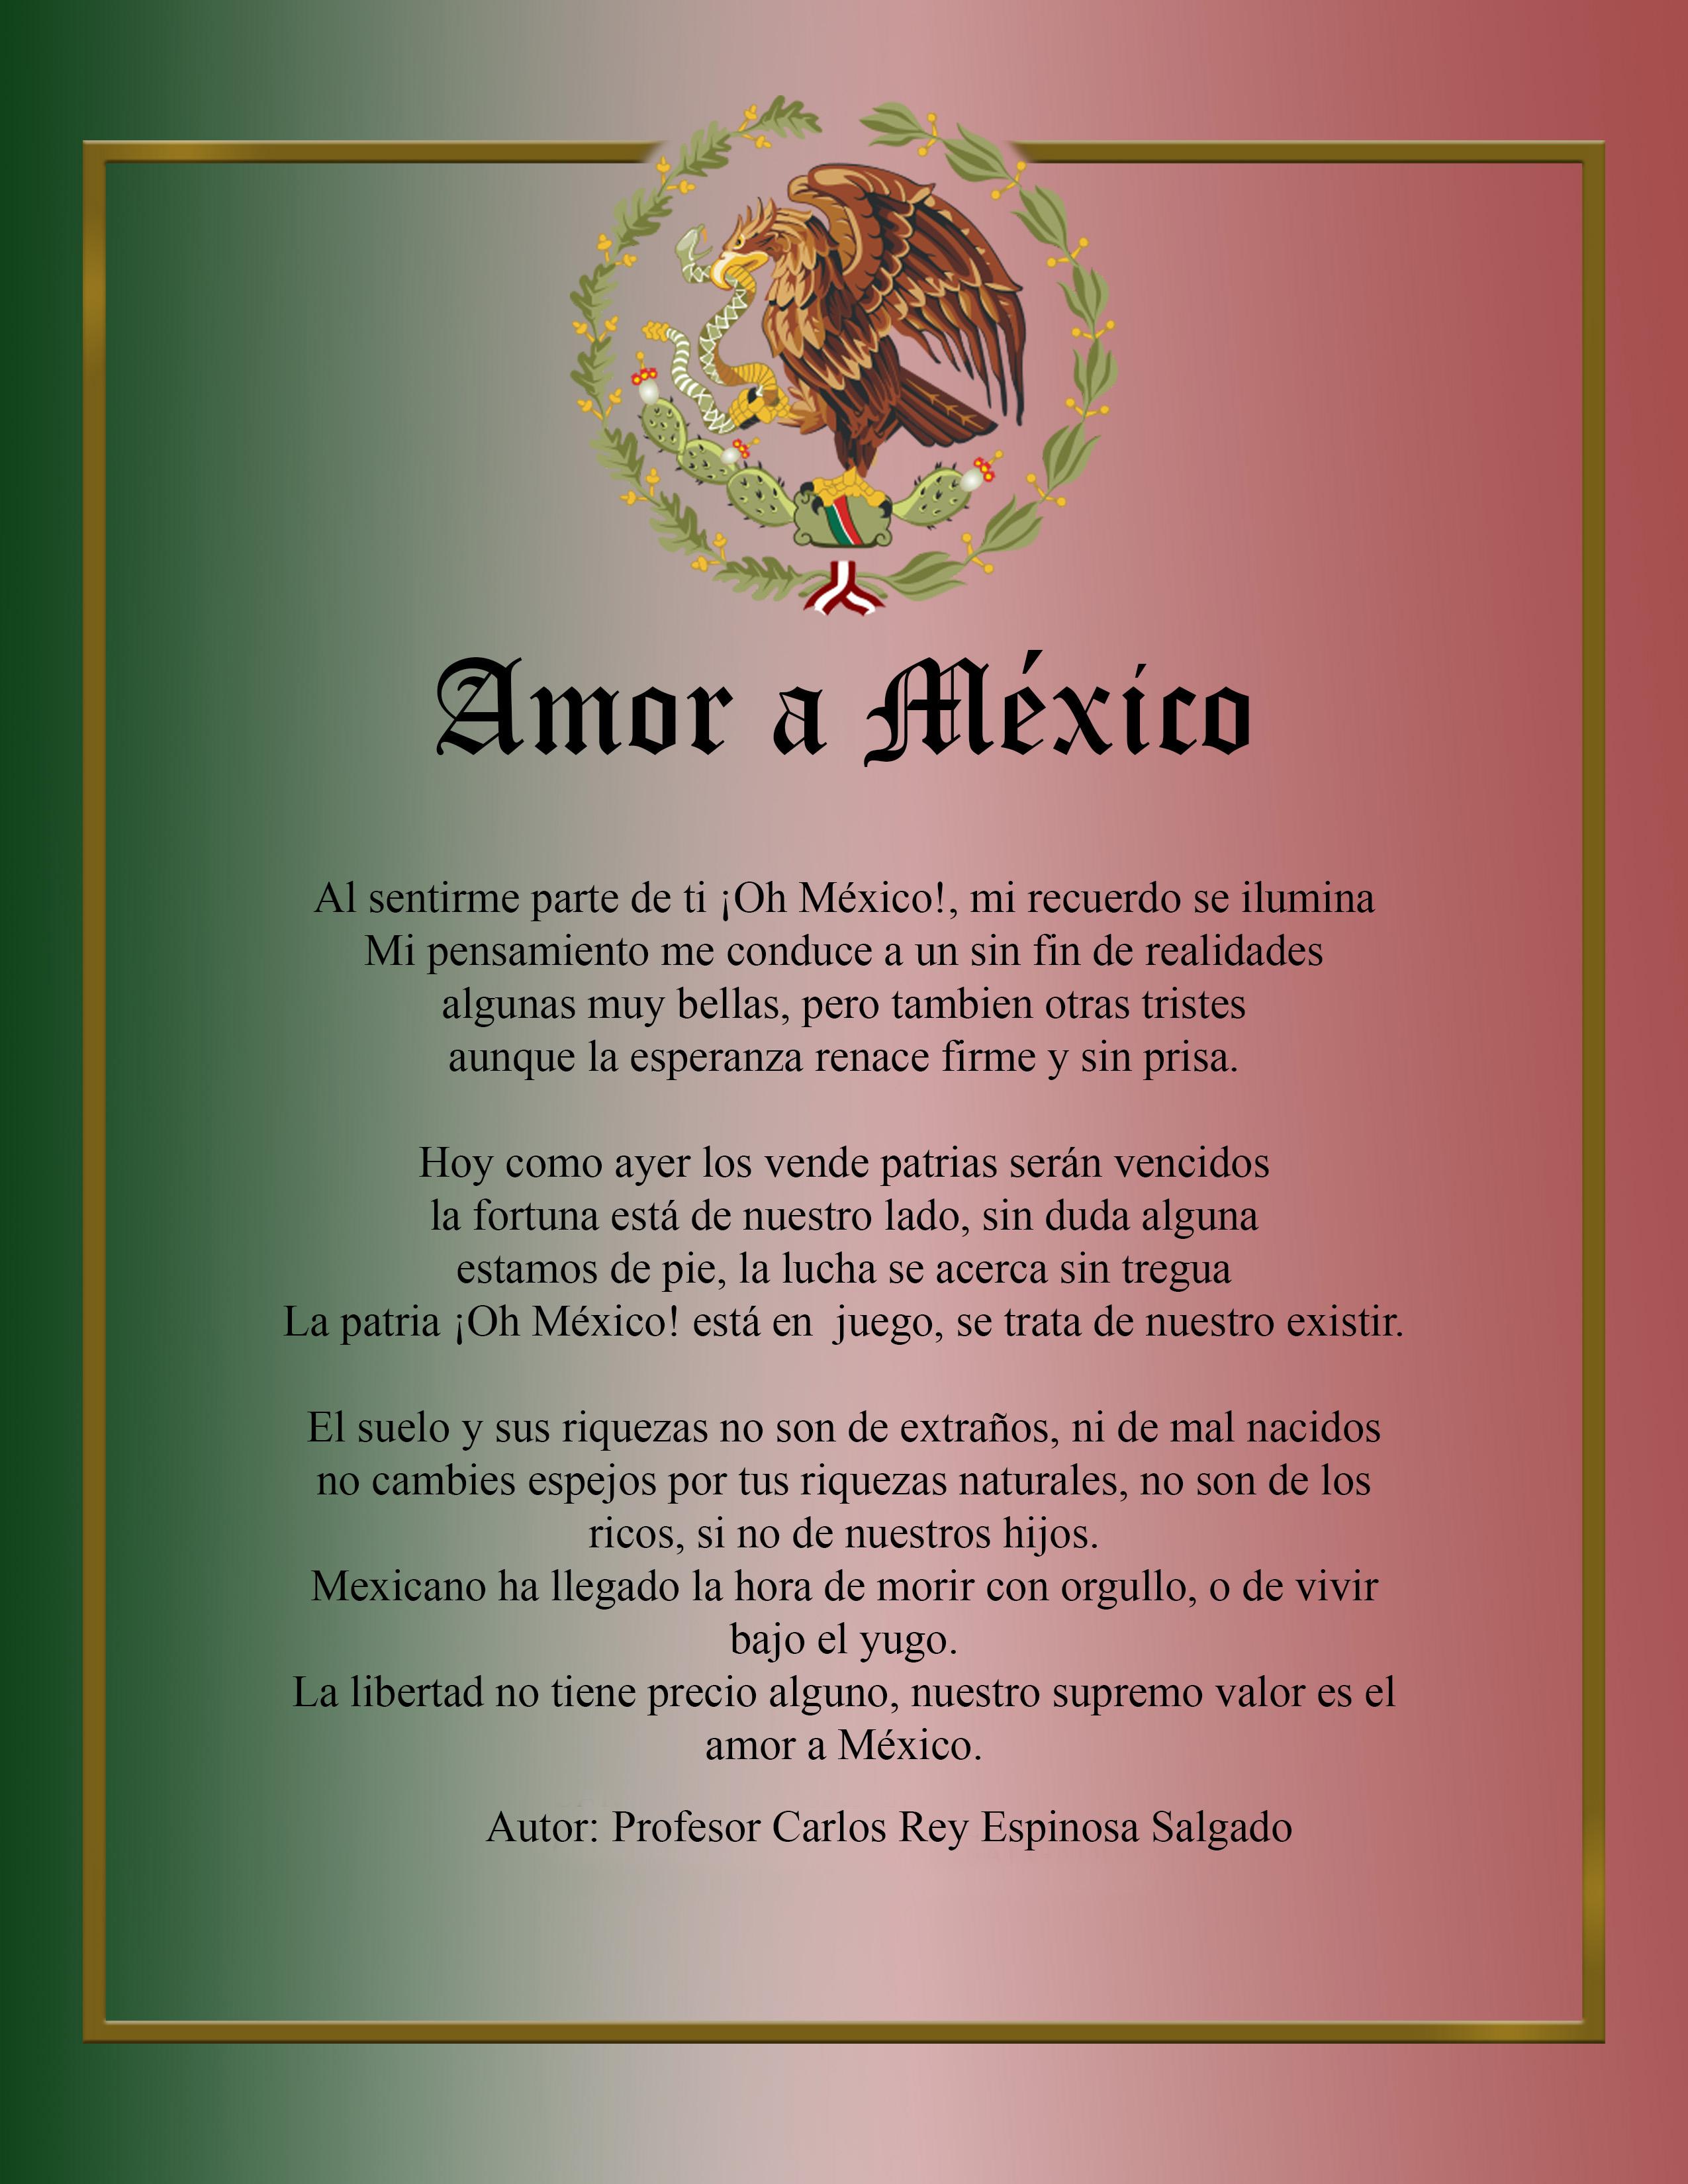 AMOR A MÉXICO